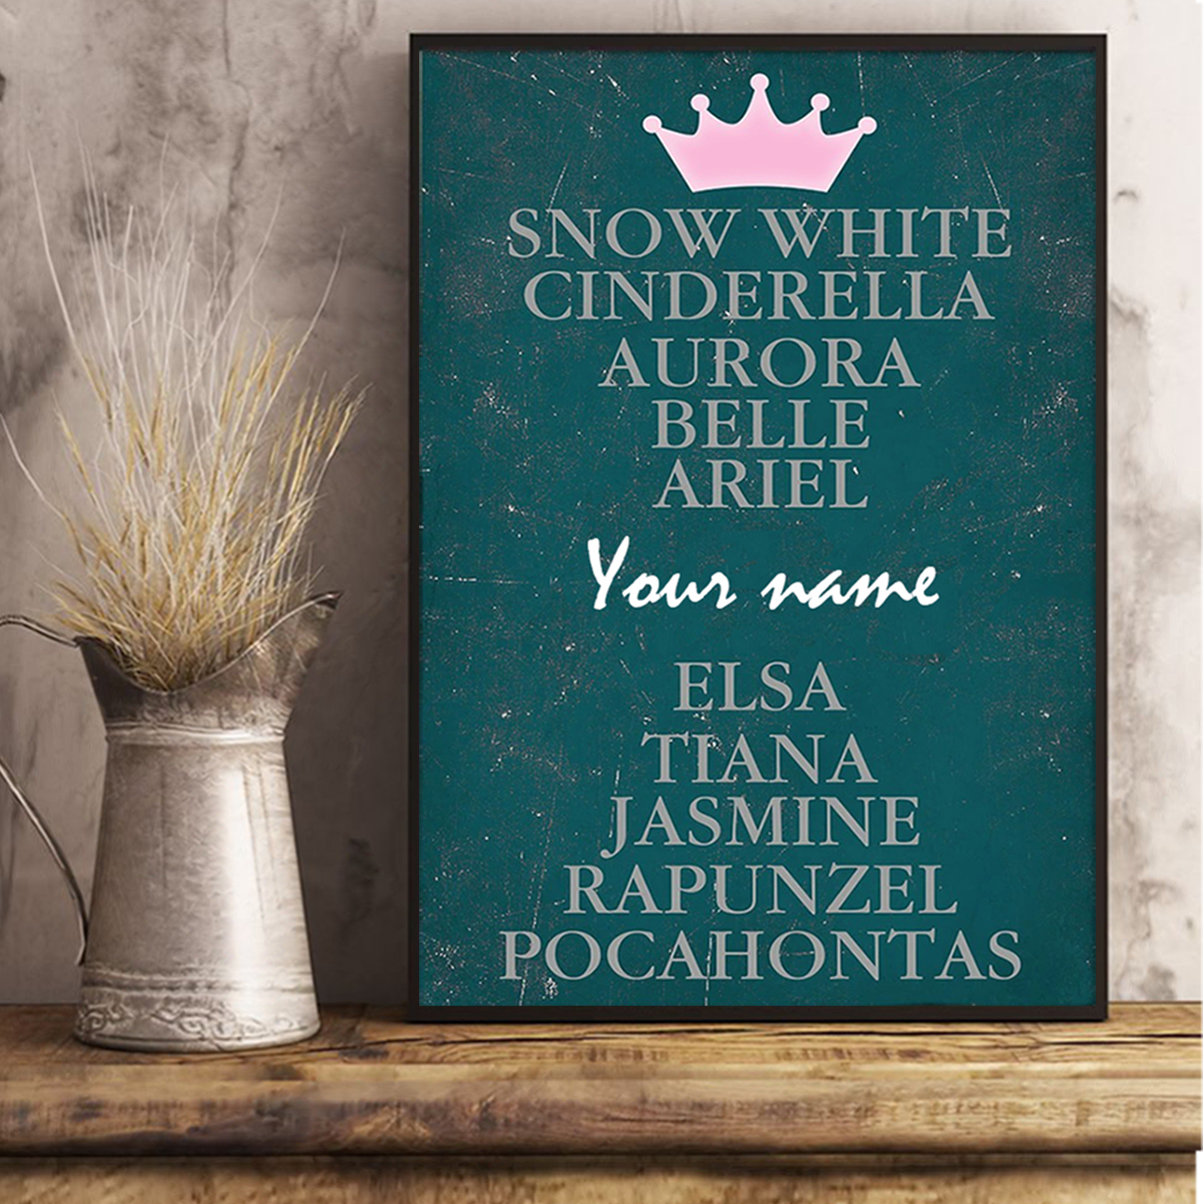 Personalized snow white cinderella aurora belie ariel poster A3